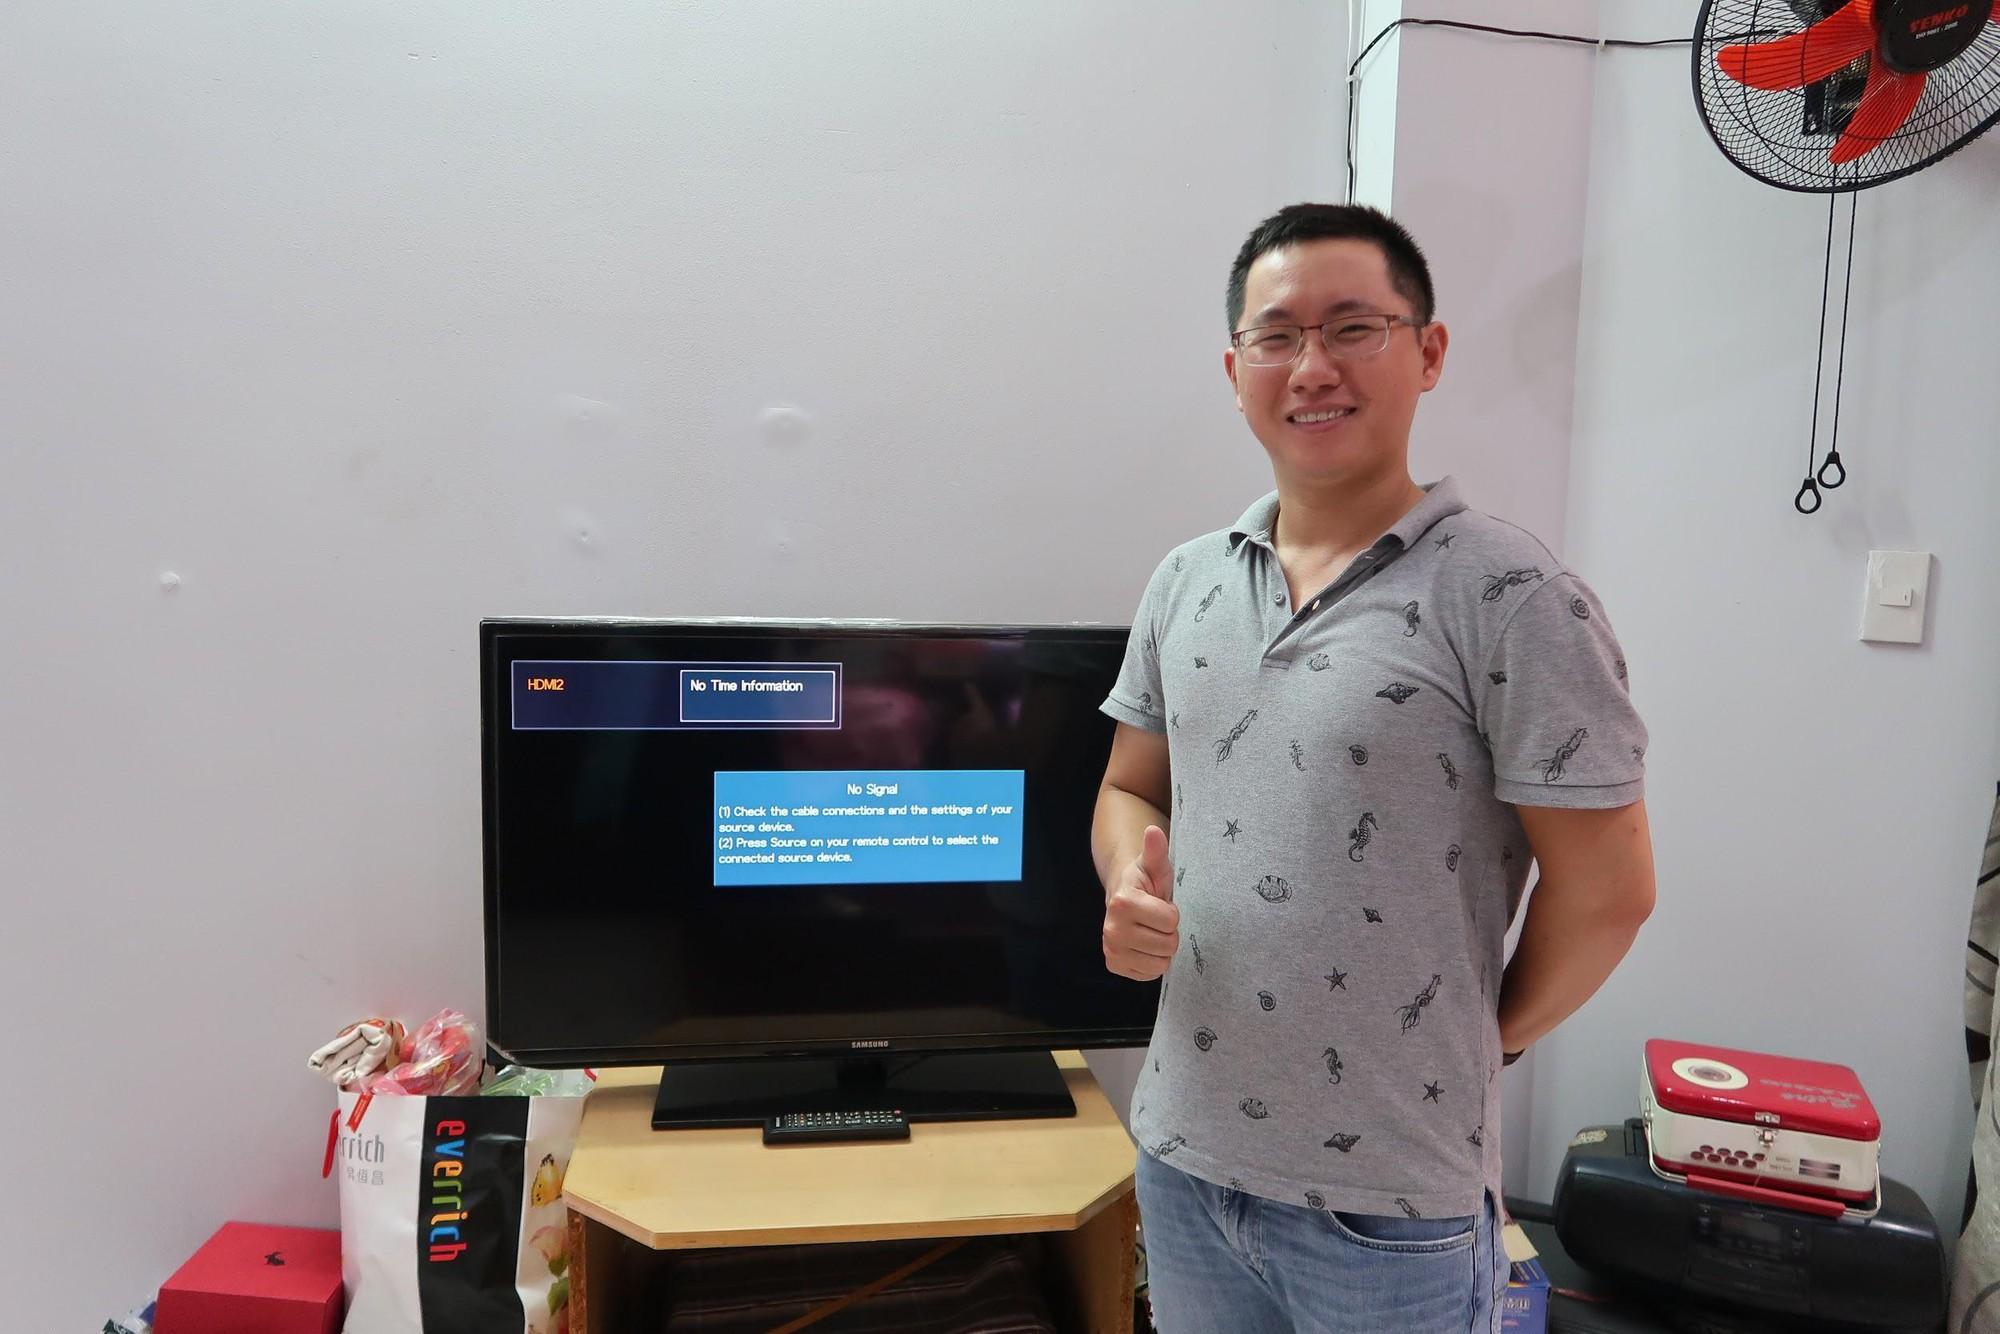 Samsung và những câu chuyện về chiếc TV gắn bó với các gia đình Việt cả chục năm qua - Ảnh 1.